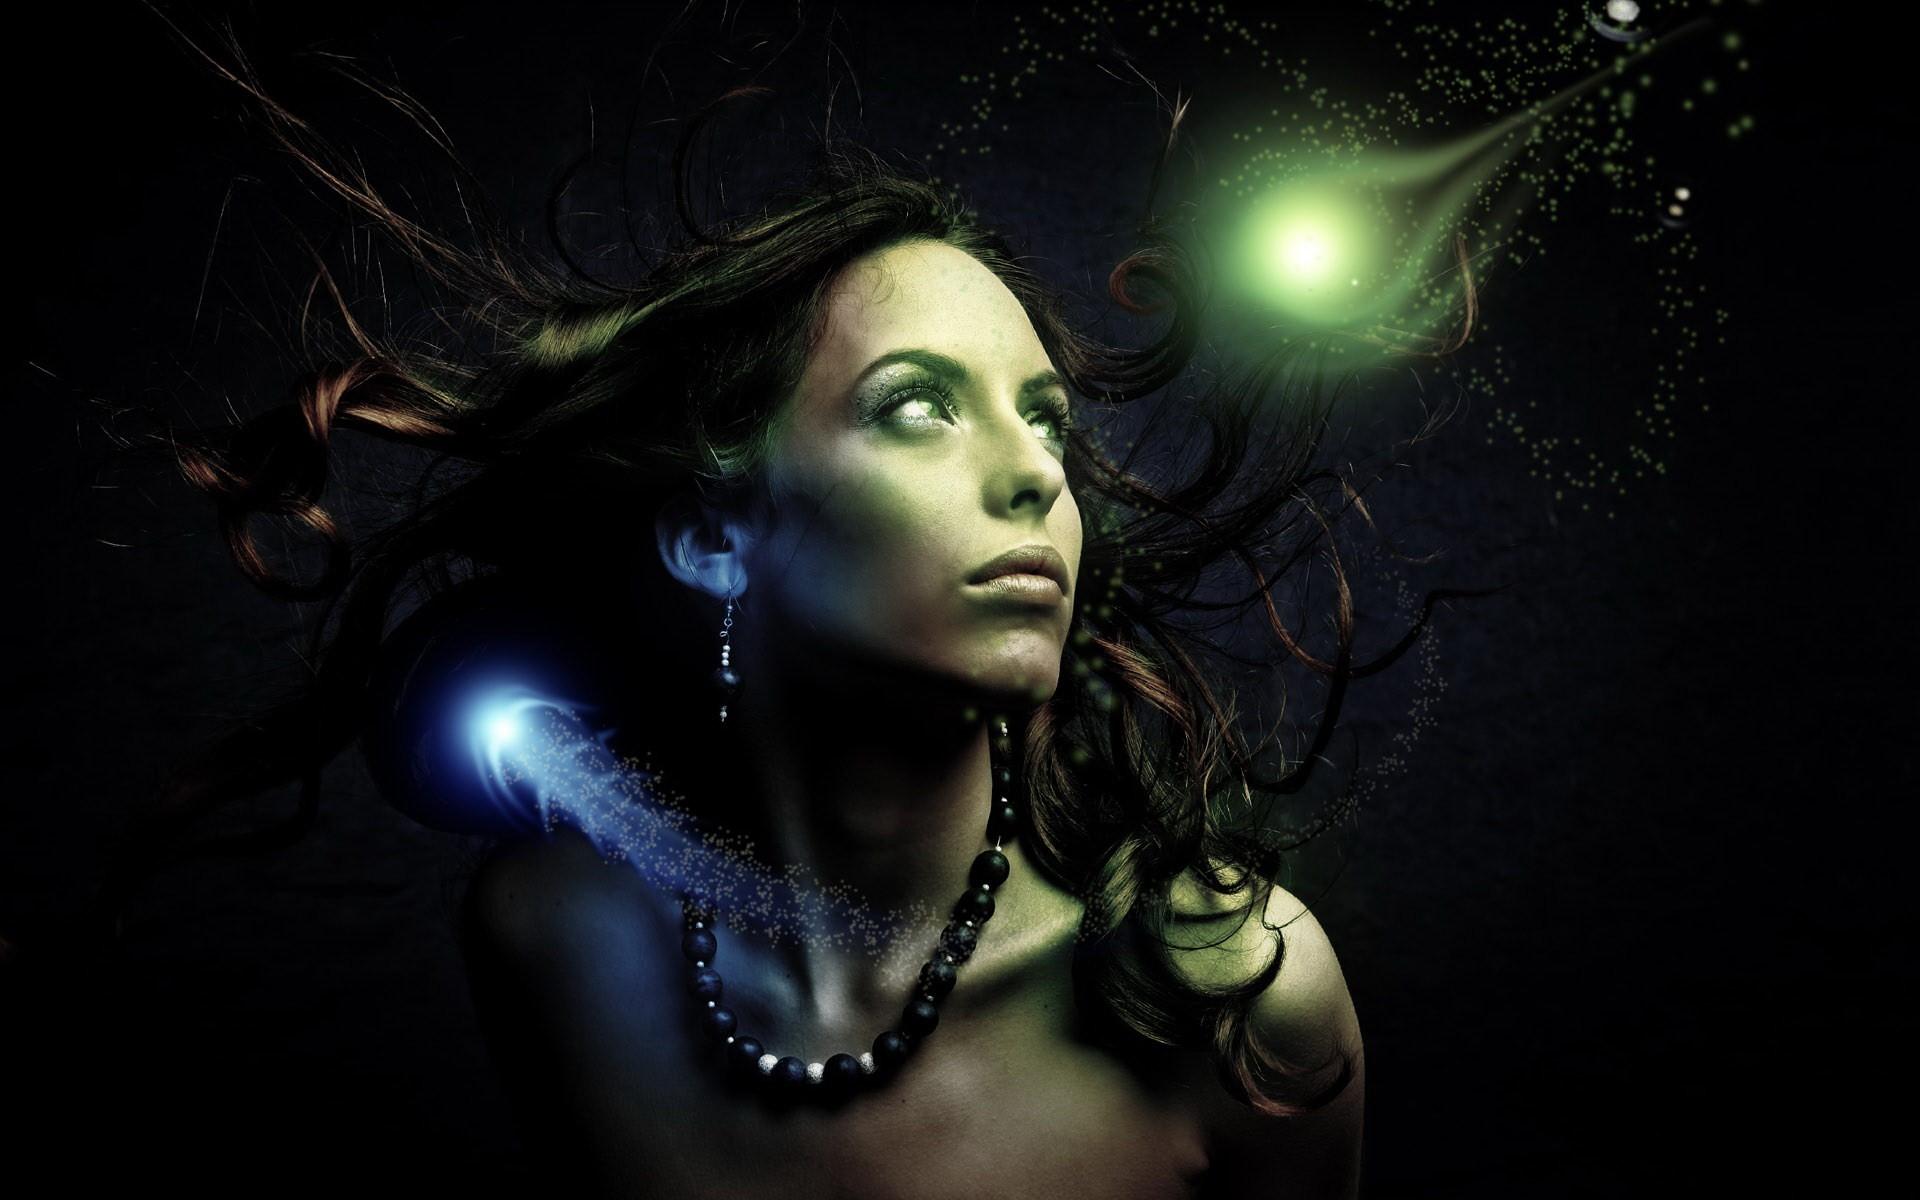 Красивые картинки о магии, открытка